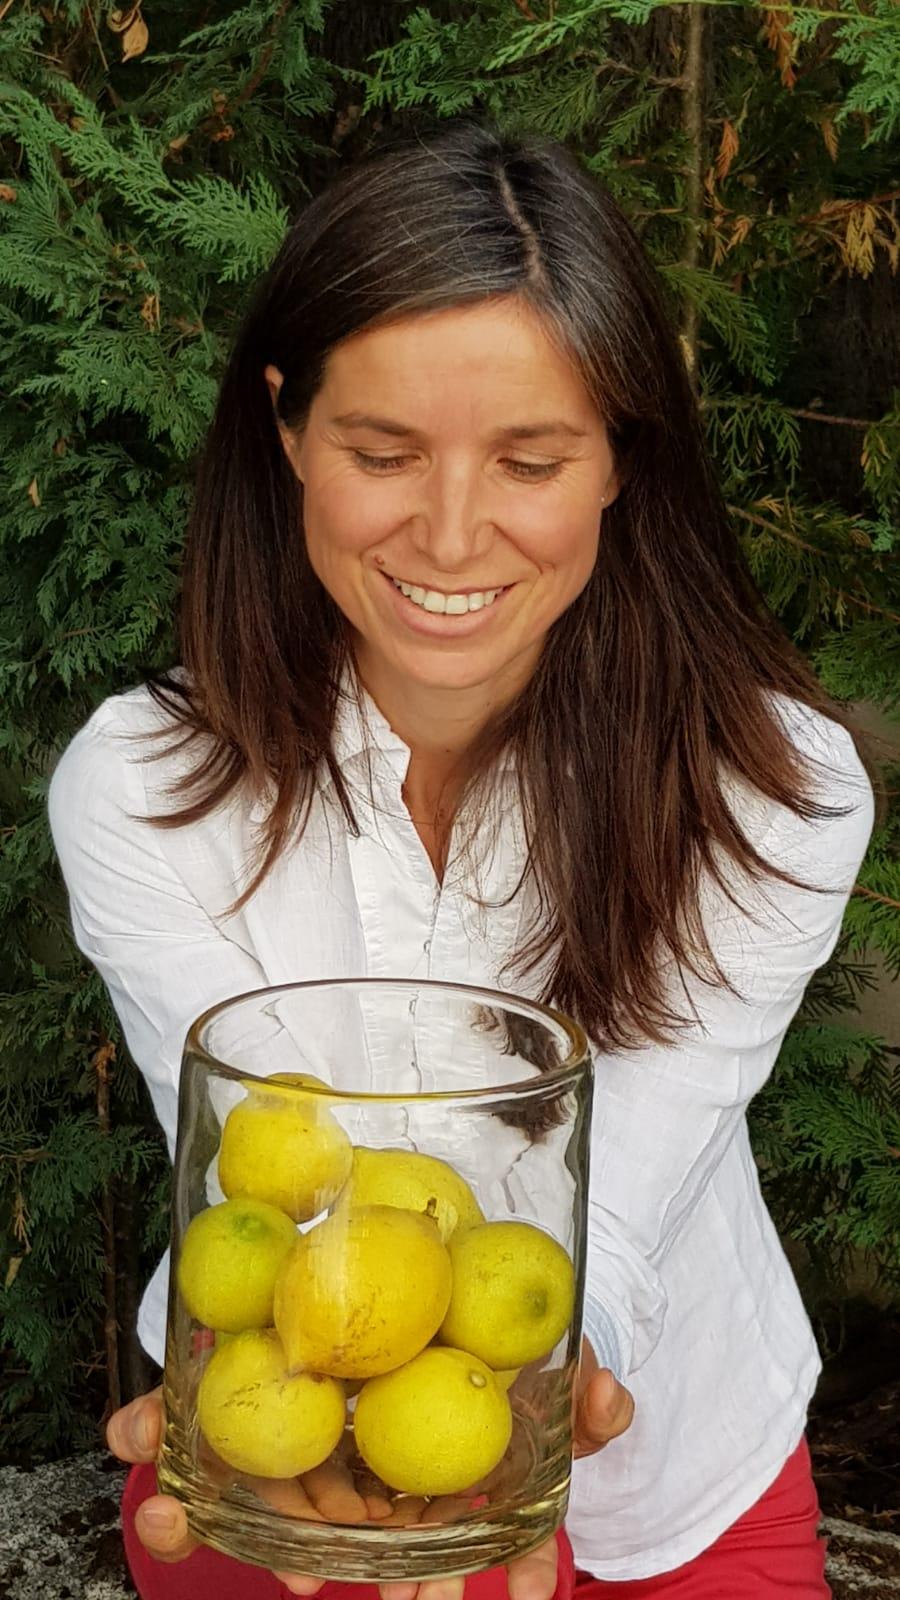 - Empieza el día con un vaso de agua tibia con el zumo de medio limón, en ayunas